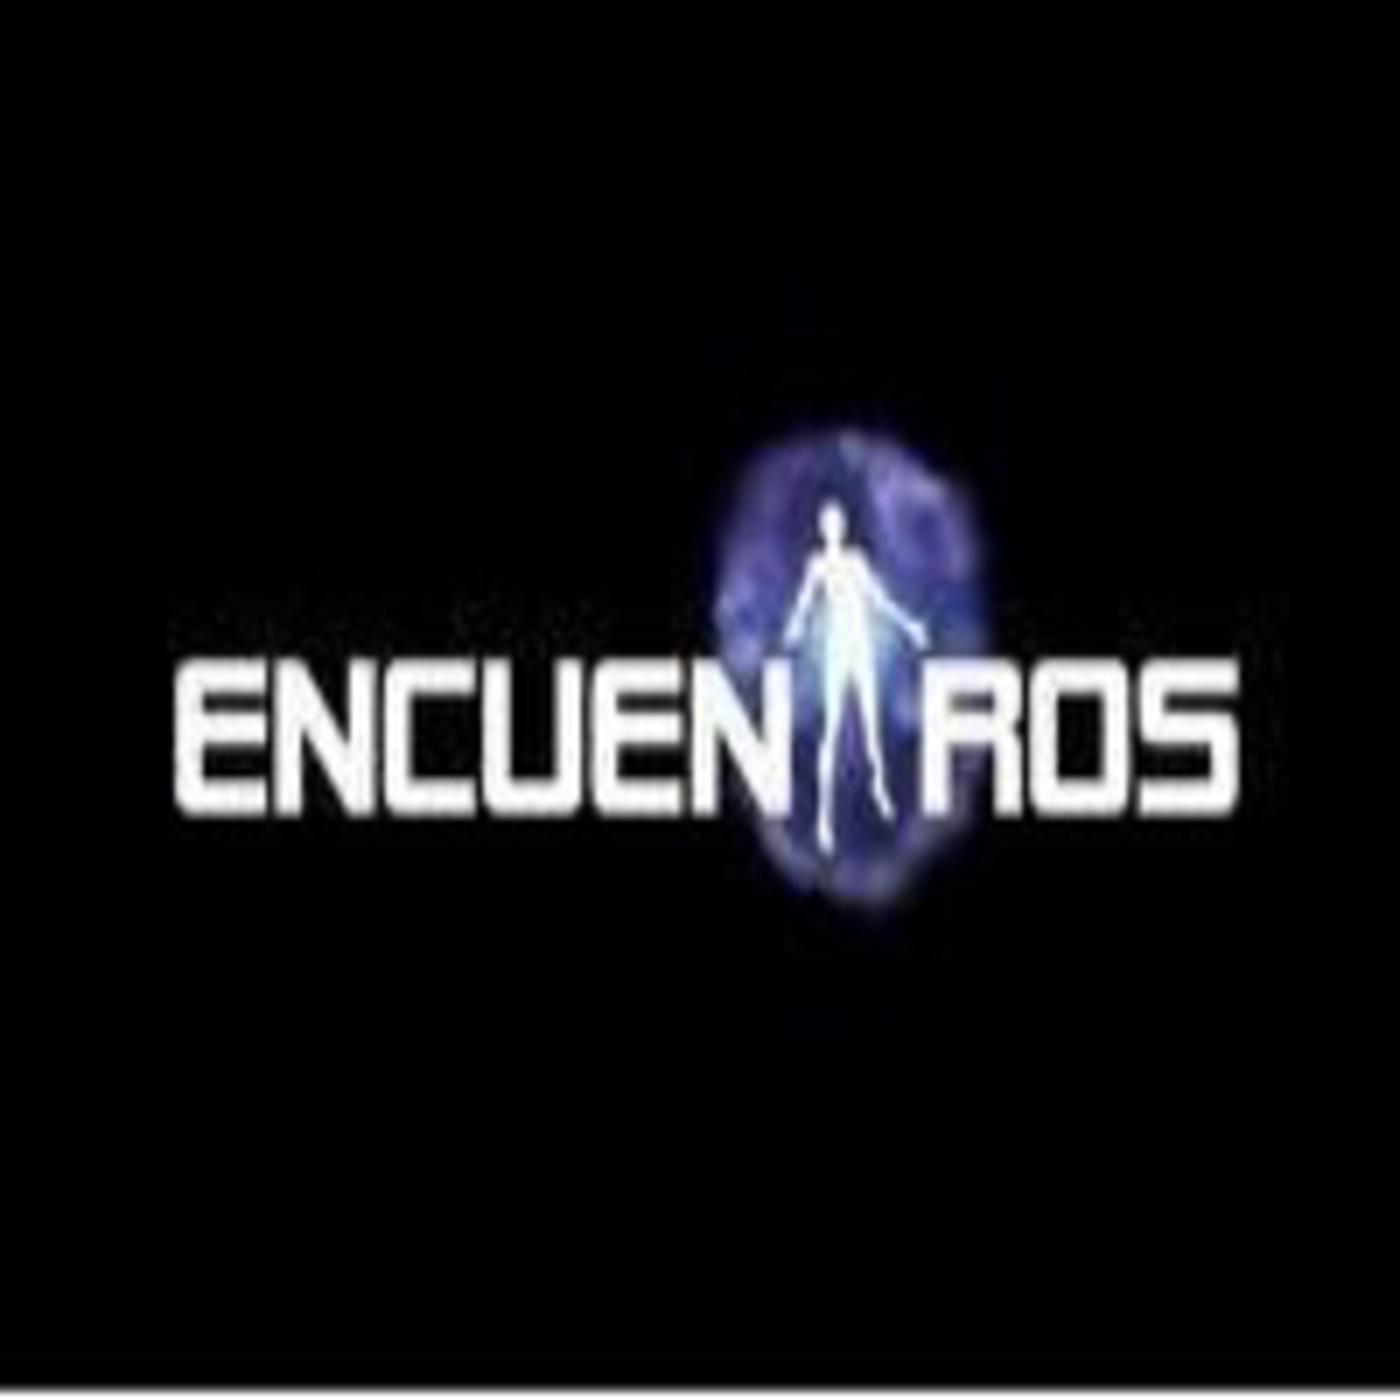 Encuentros 1x01 experiencias paranormales, premoniciones, relato terror.